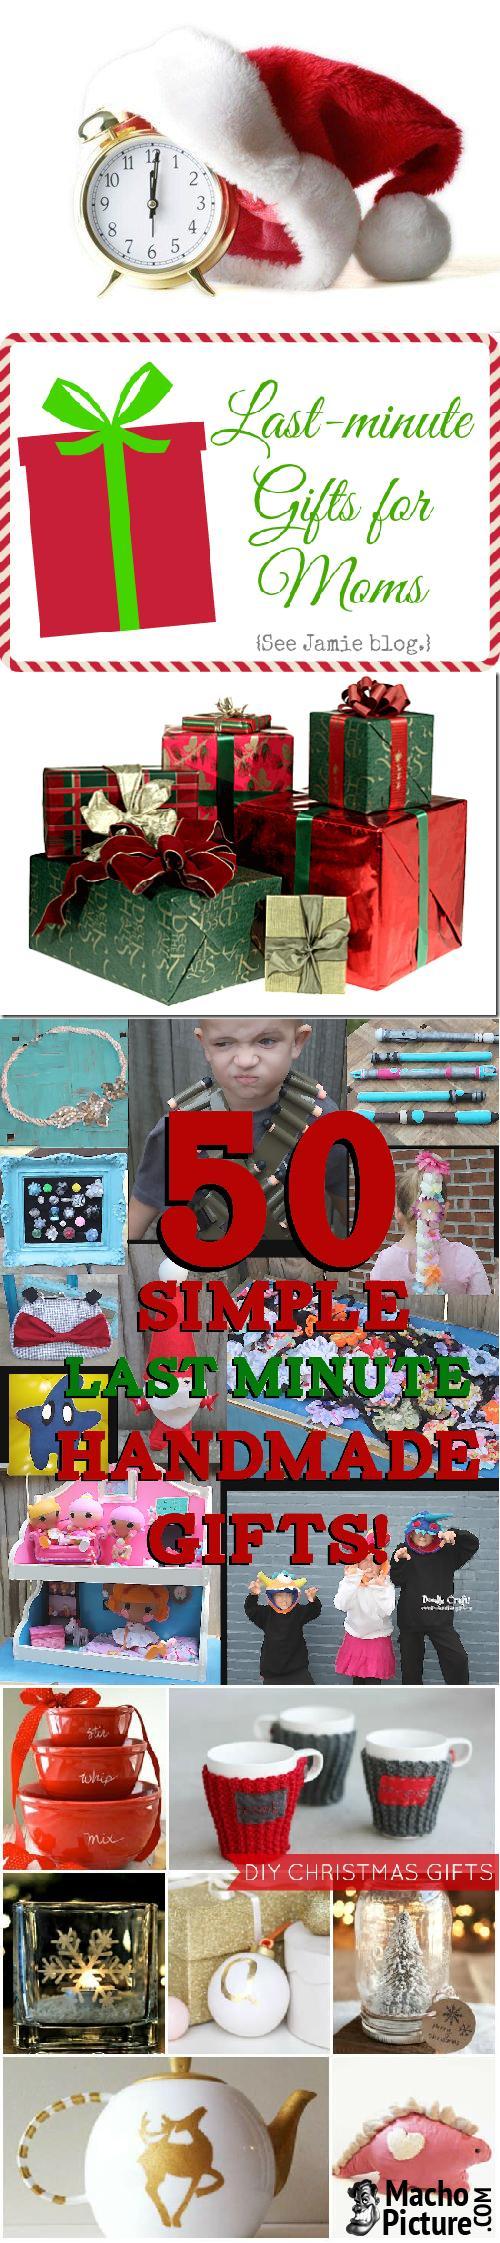 Last minute xmas gift ideas - 6 PHOTO!